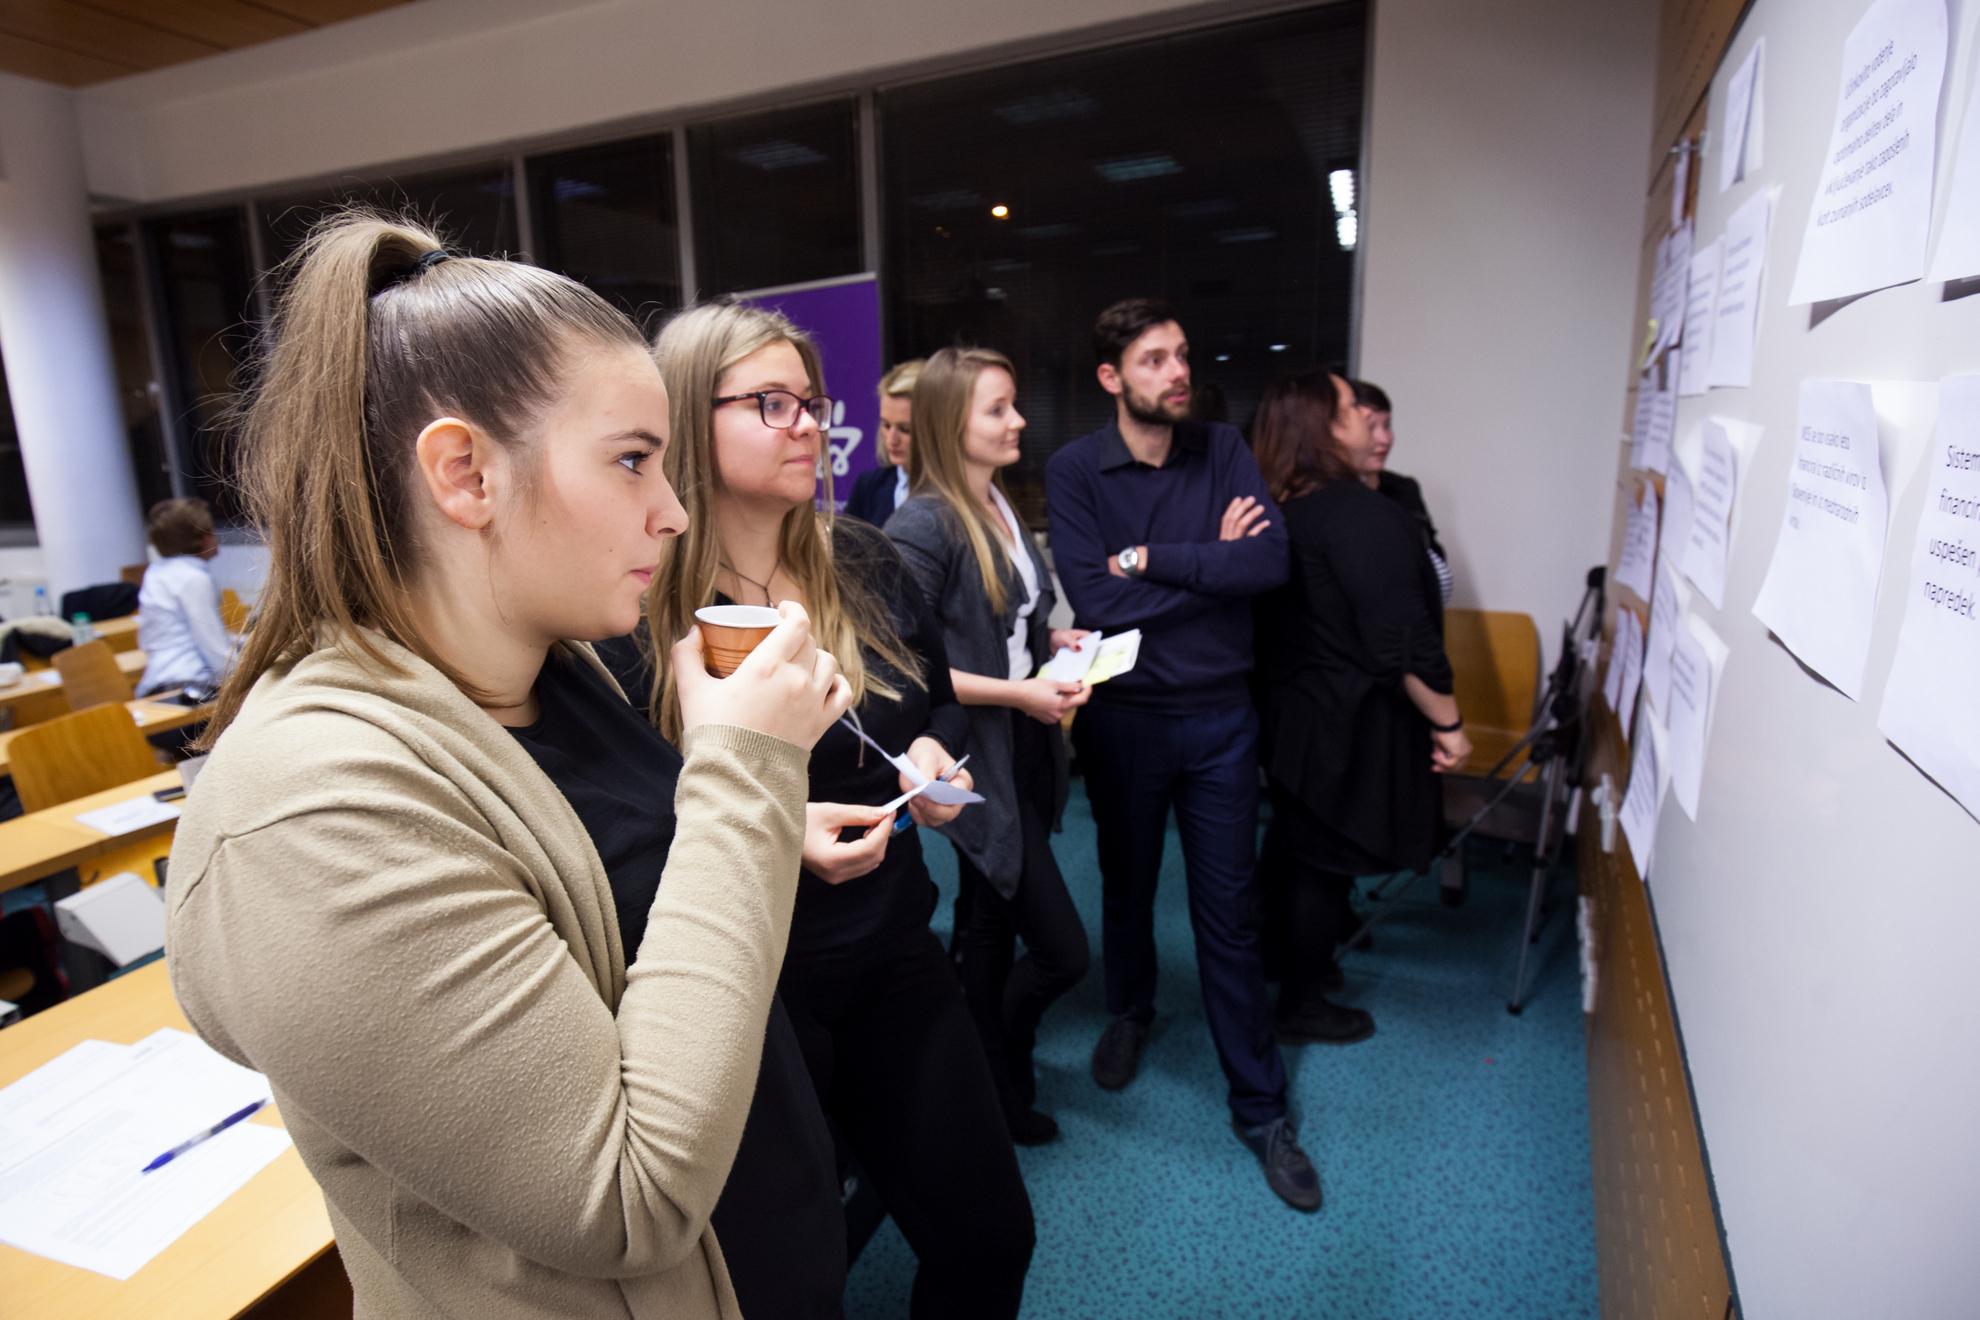 22.12.2016 Ljubljana, Fakulteta za družbene vede. Zbor MSS.